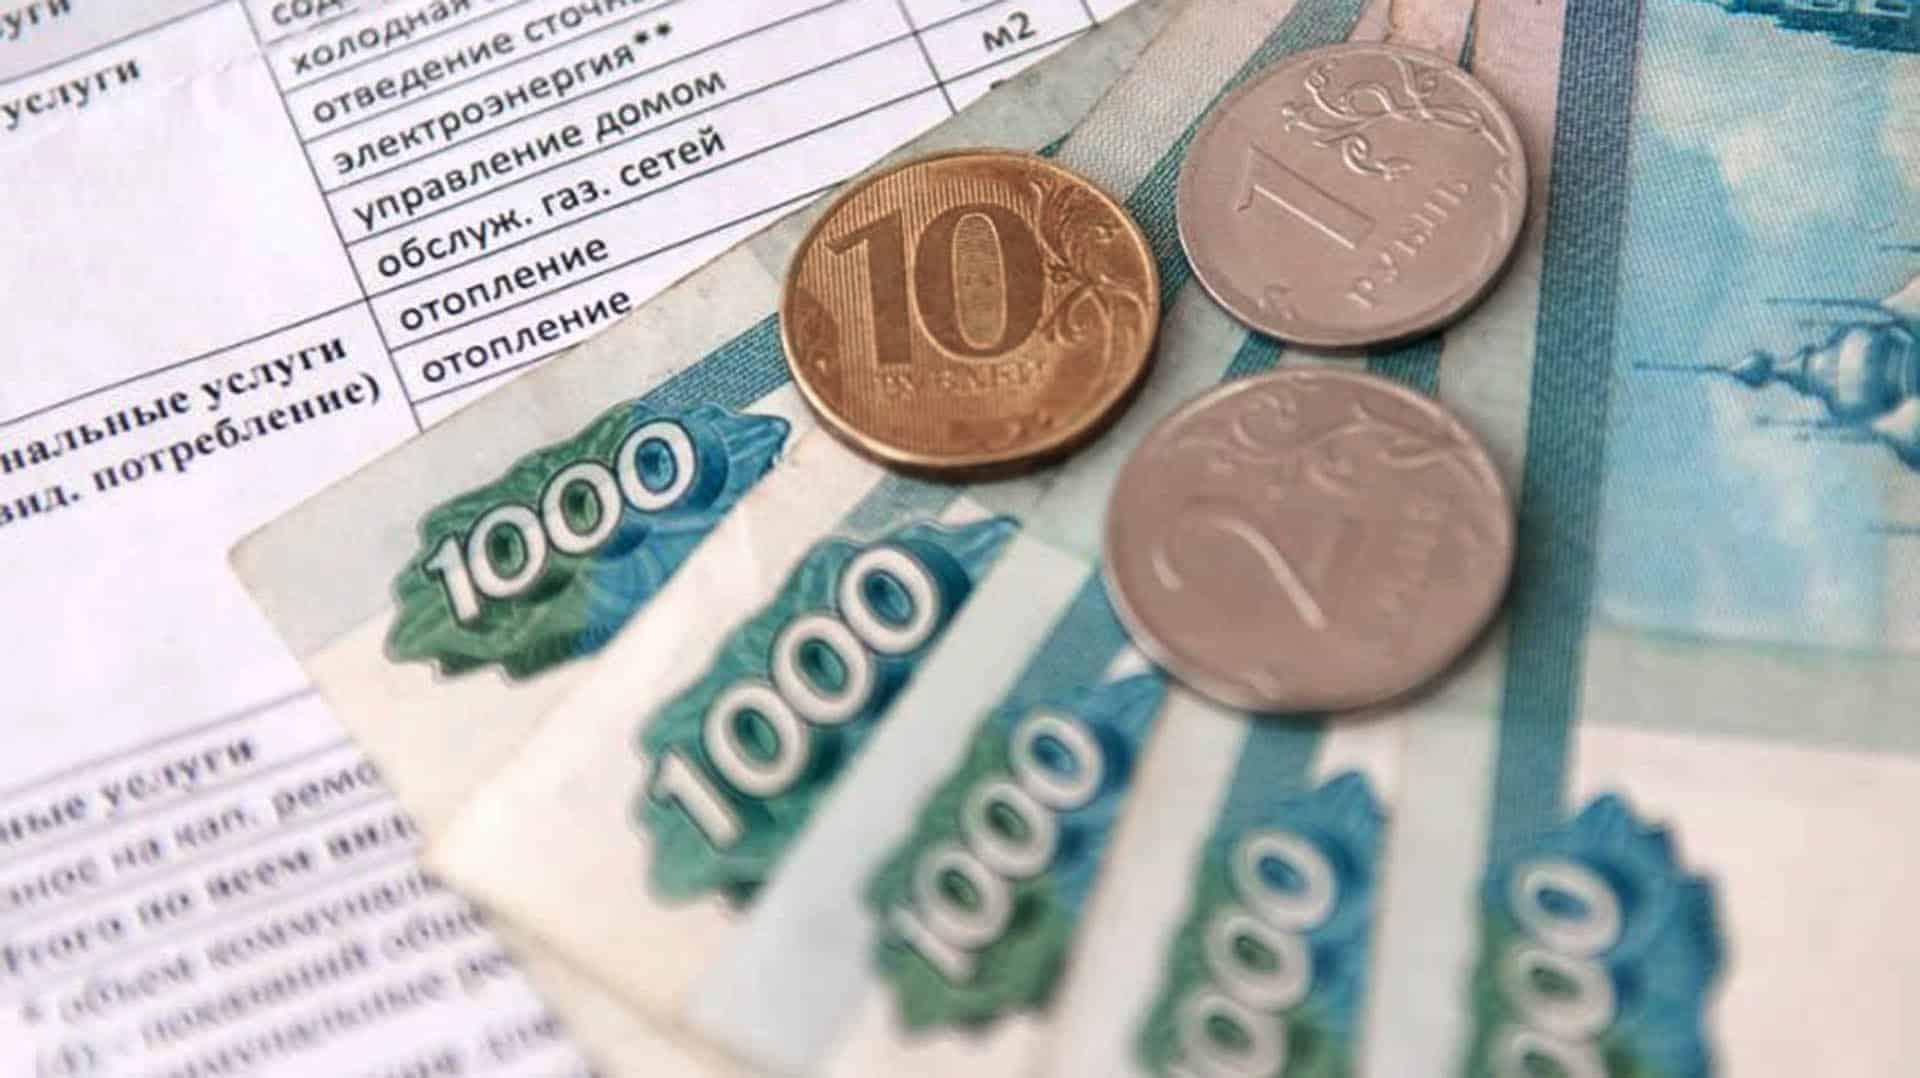 Отсрочка по коммунальным платежам из-за COVID-19 действует до конца 2020 года